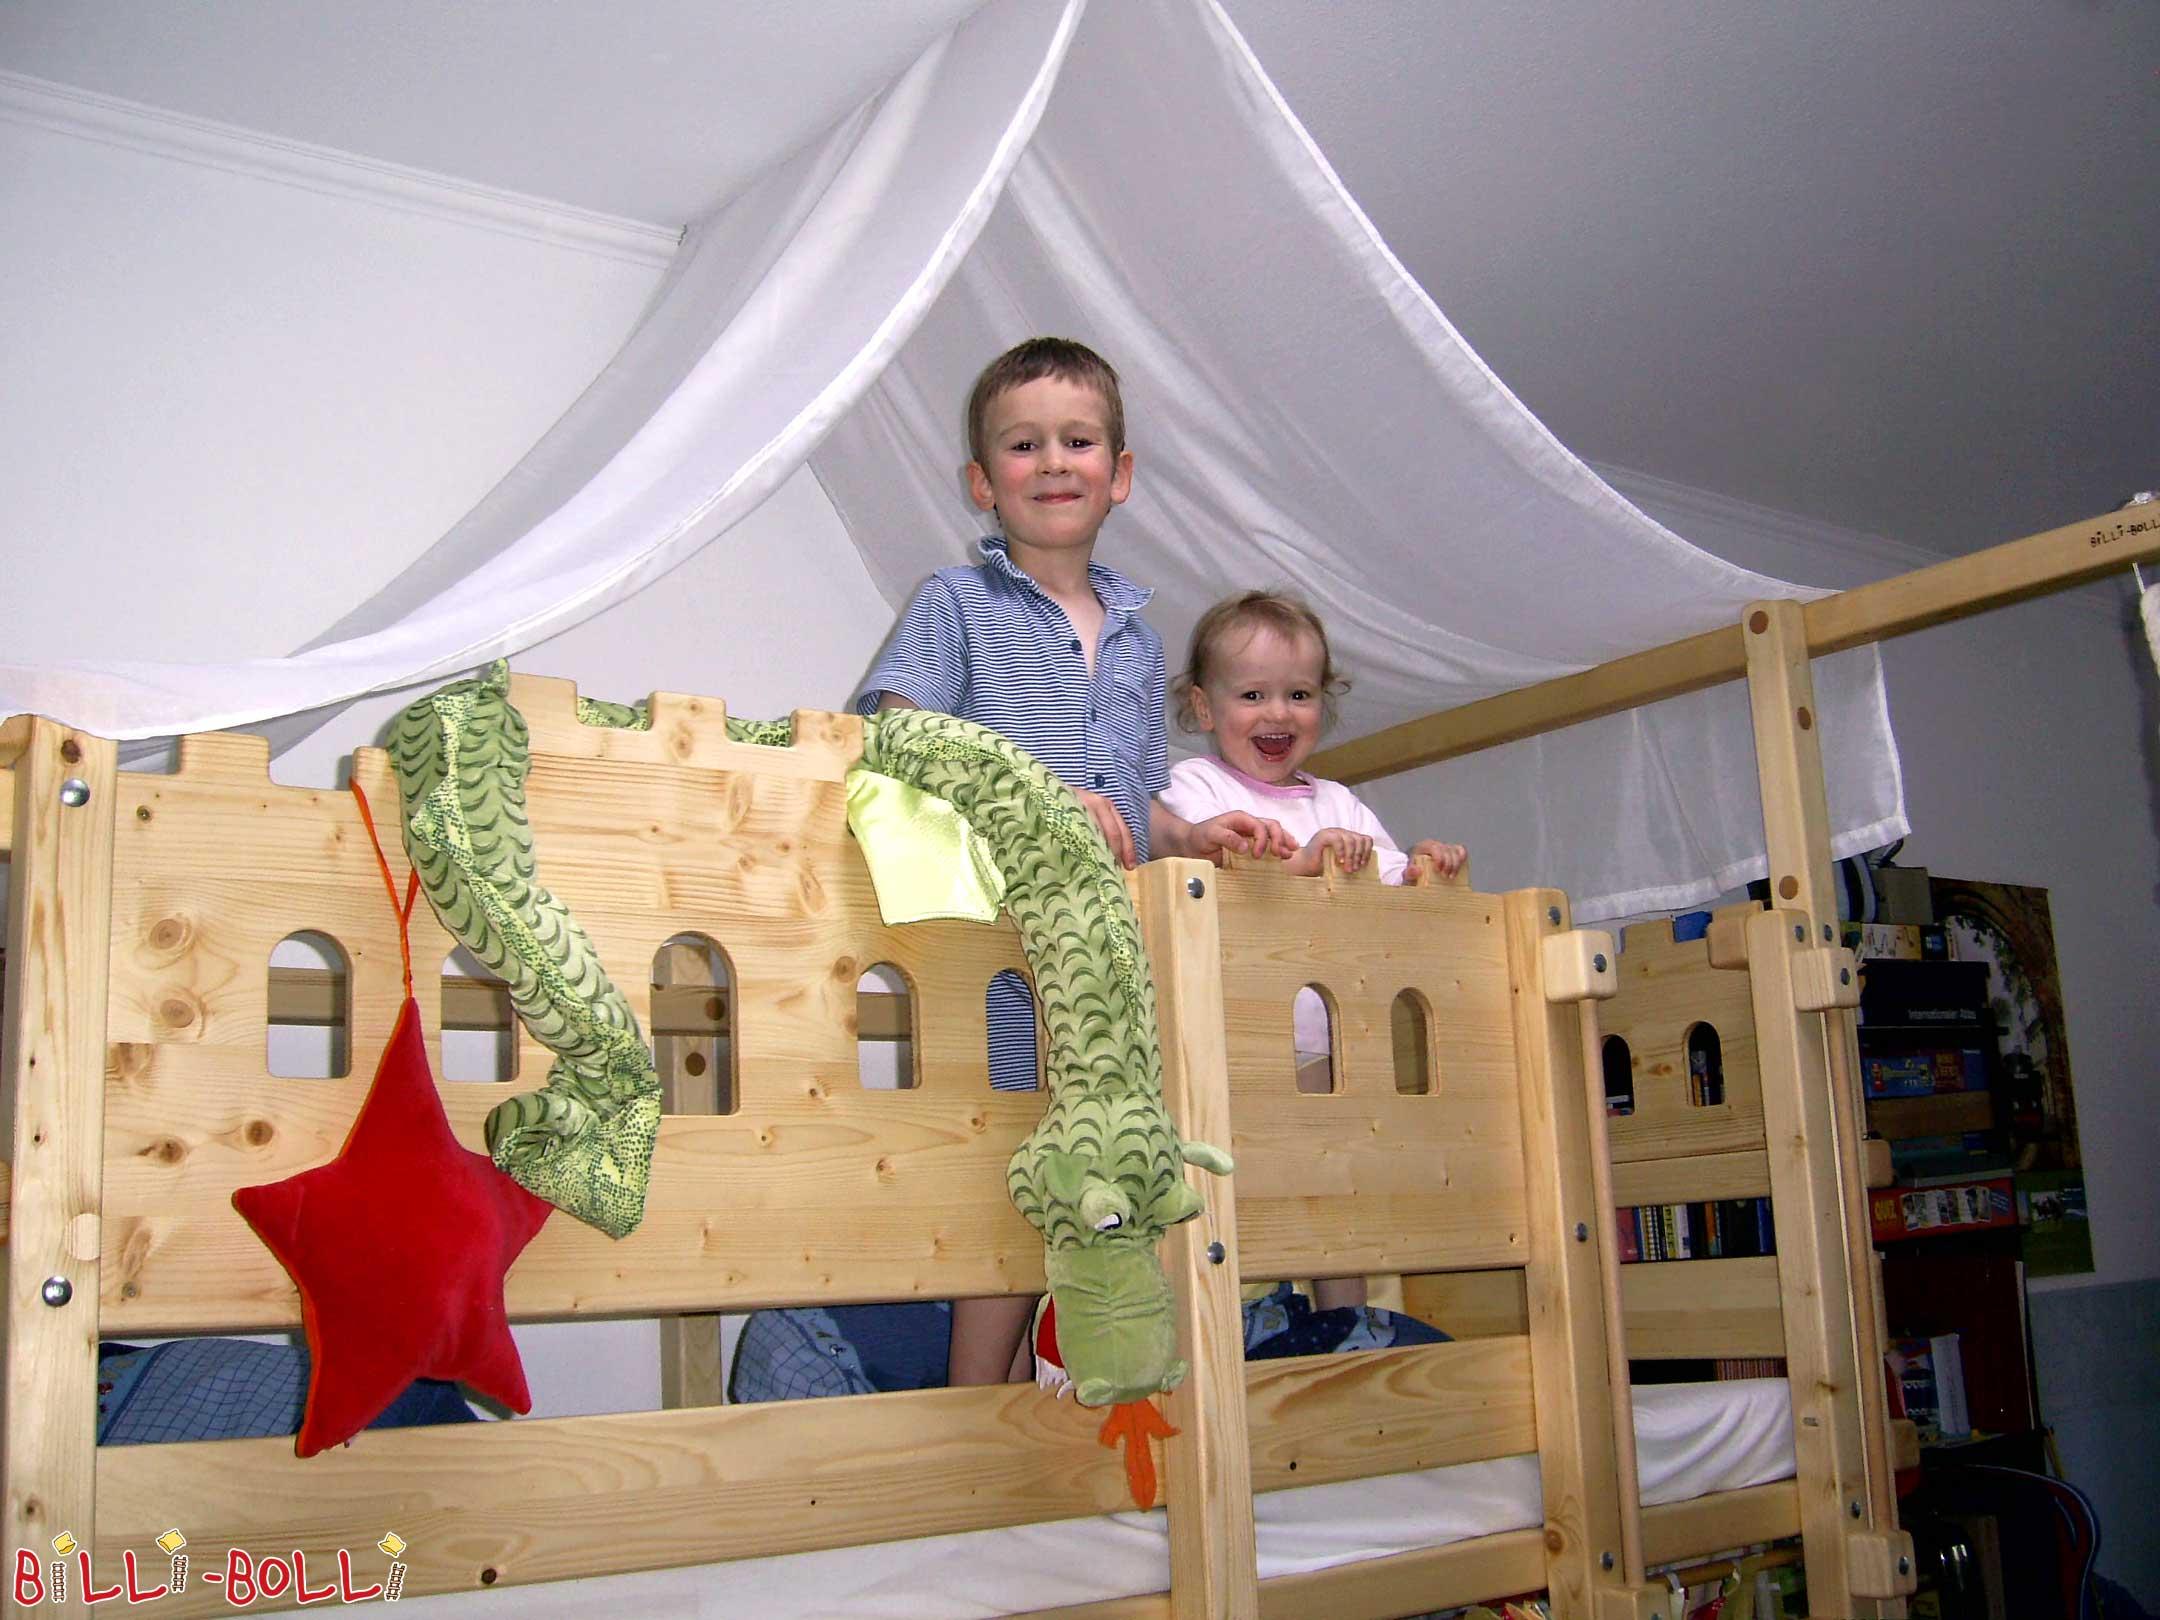 Zum Dekorieren | Billi-Bolli Kindermöbel